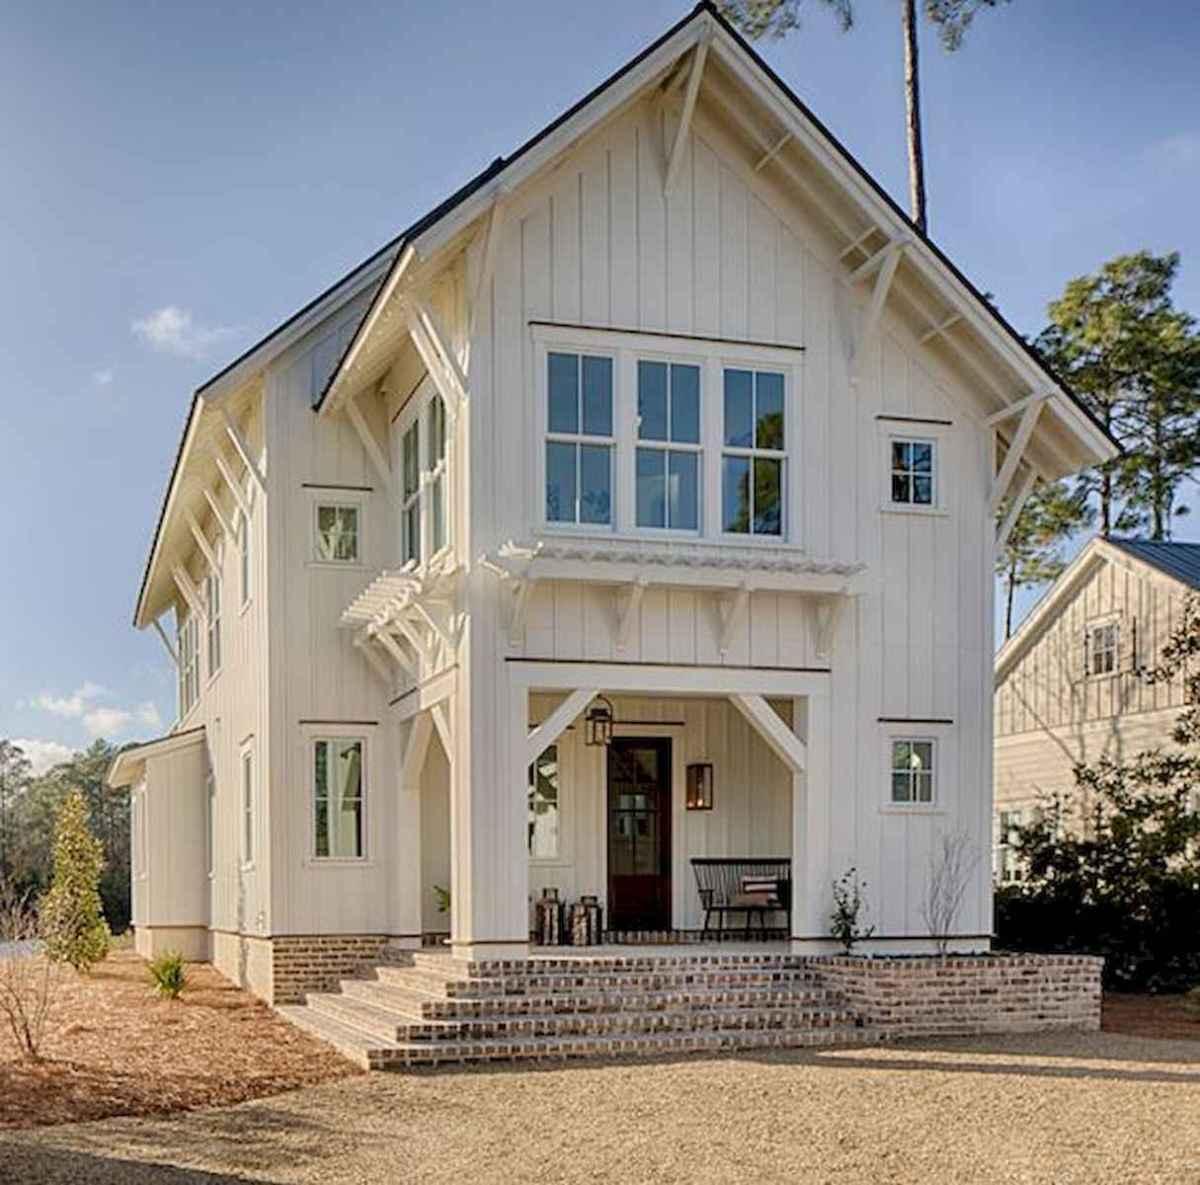 40 Stunning White Farmhouse Exterior Design Ideas (8)